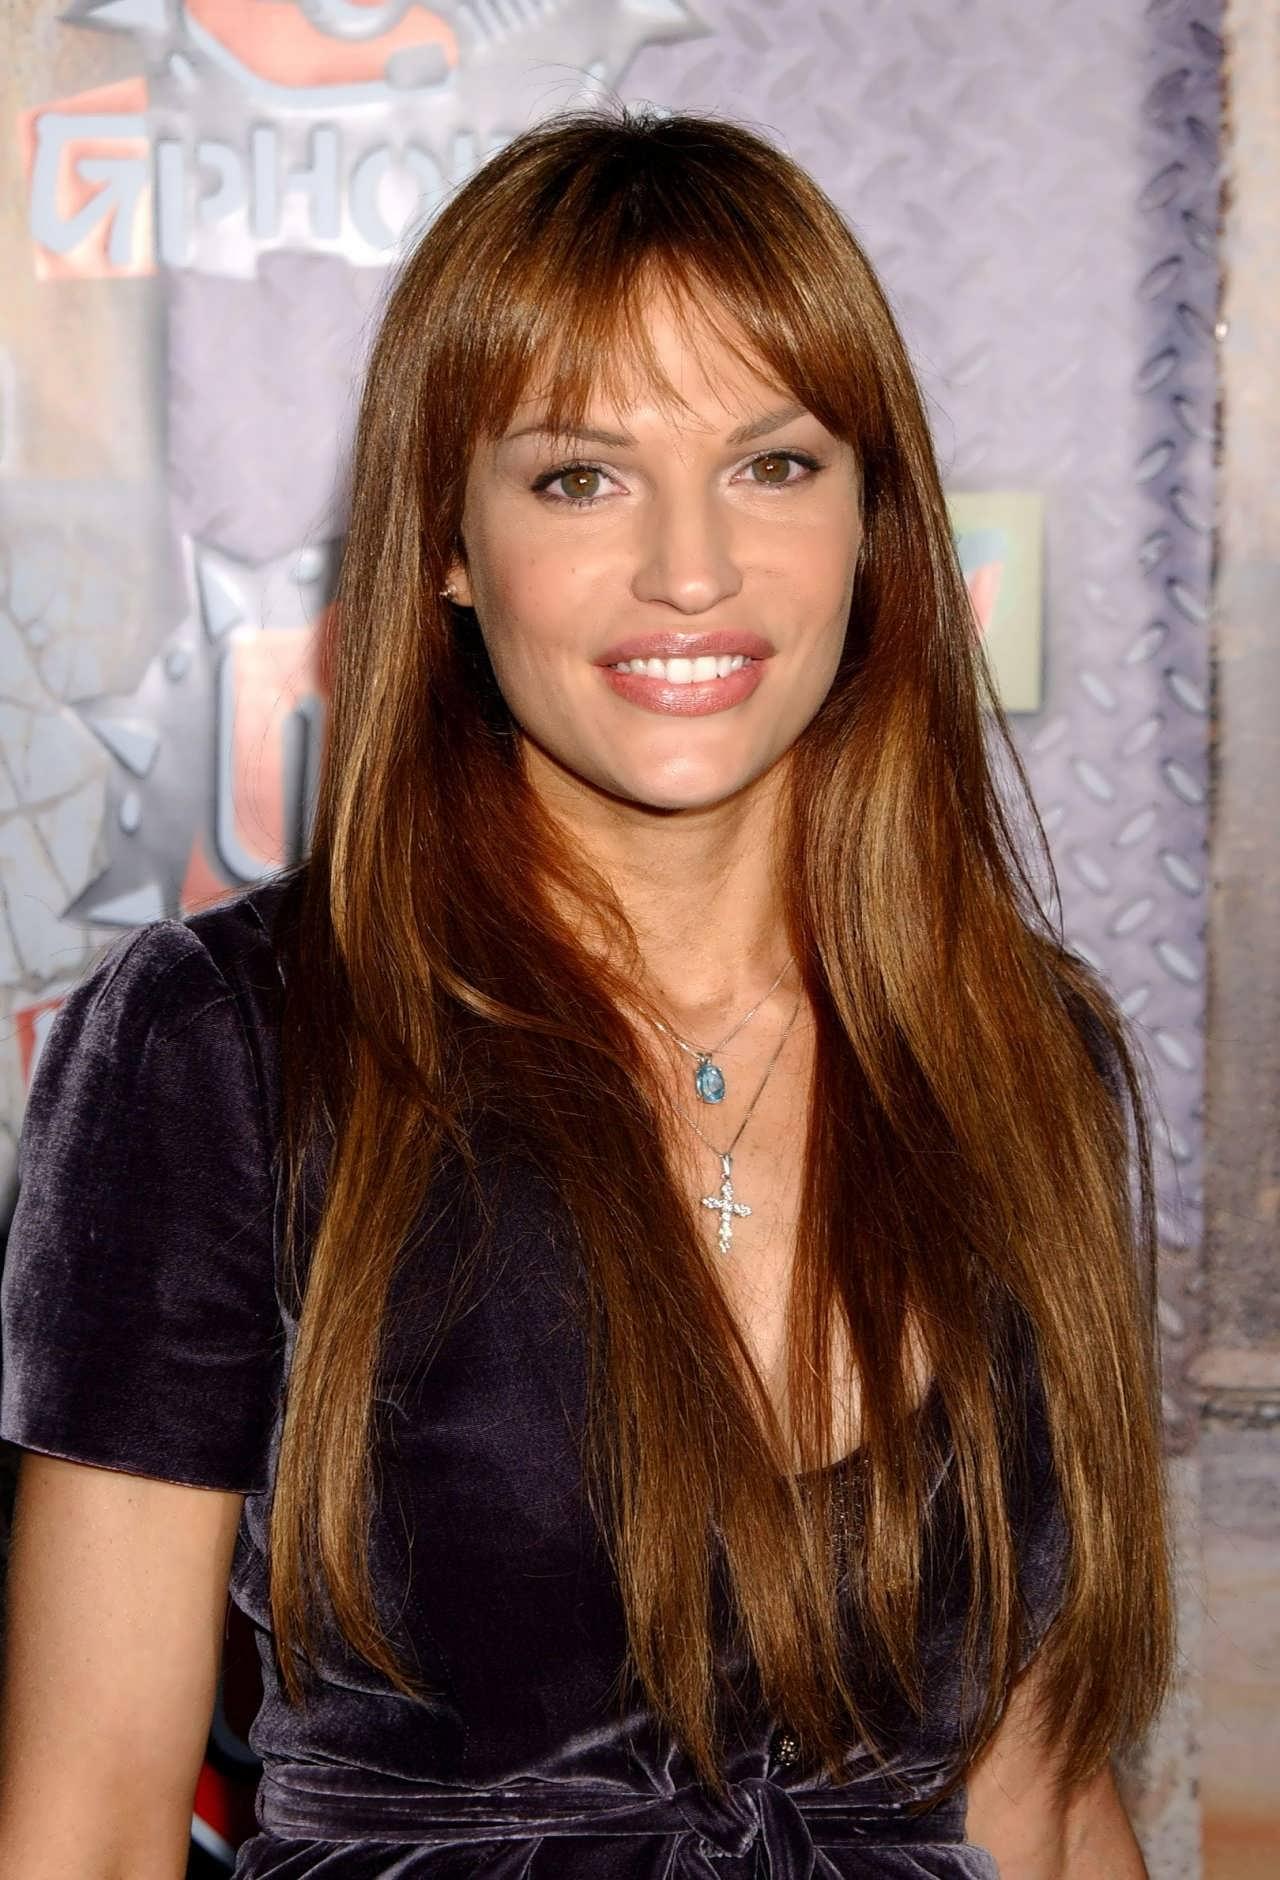 Poze Jolene Blalock - Actor - Poza 52 din 132 - CineMagia.ro